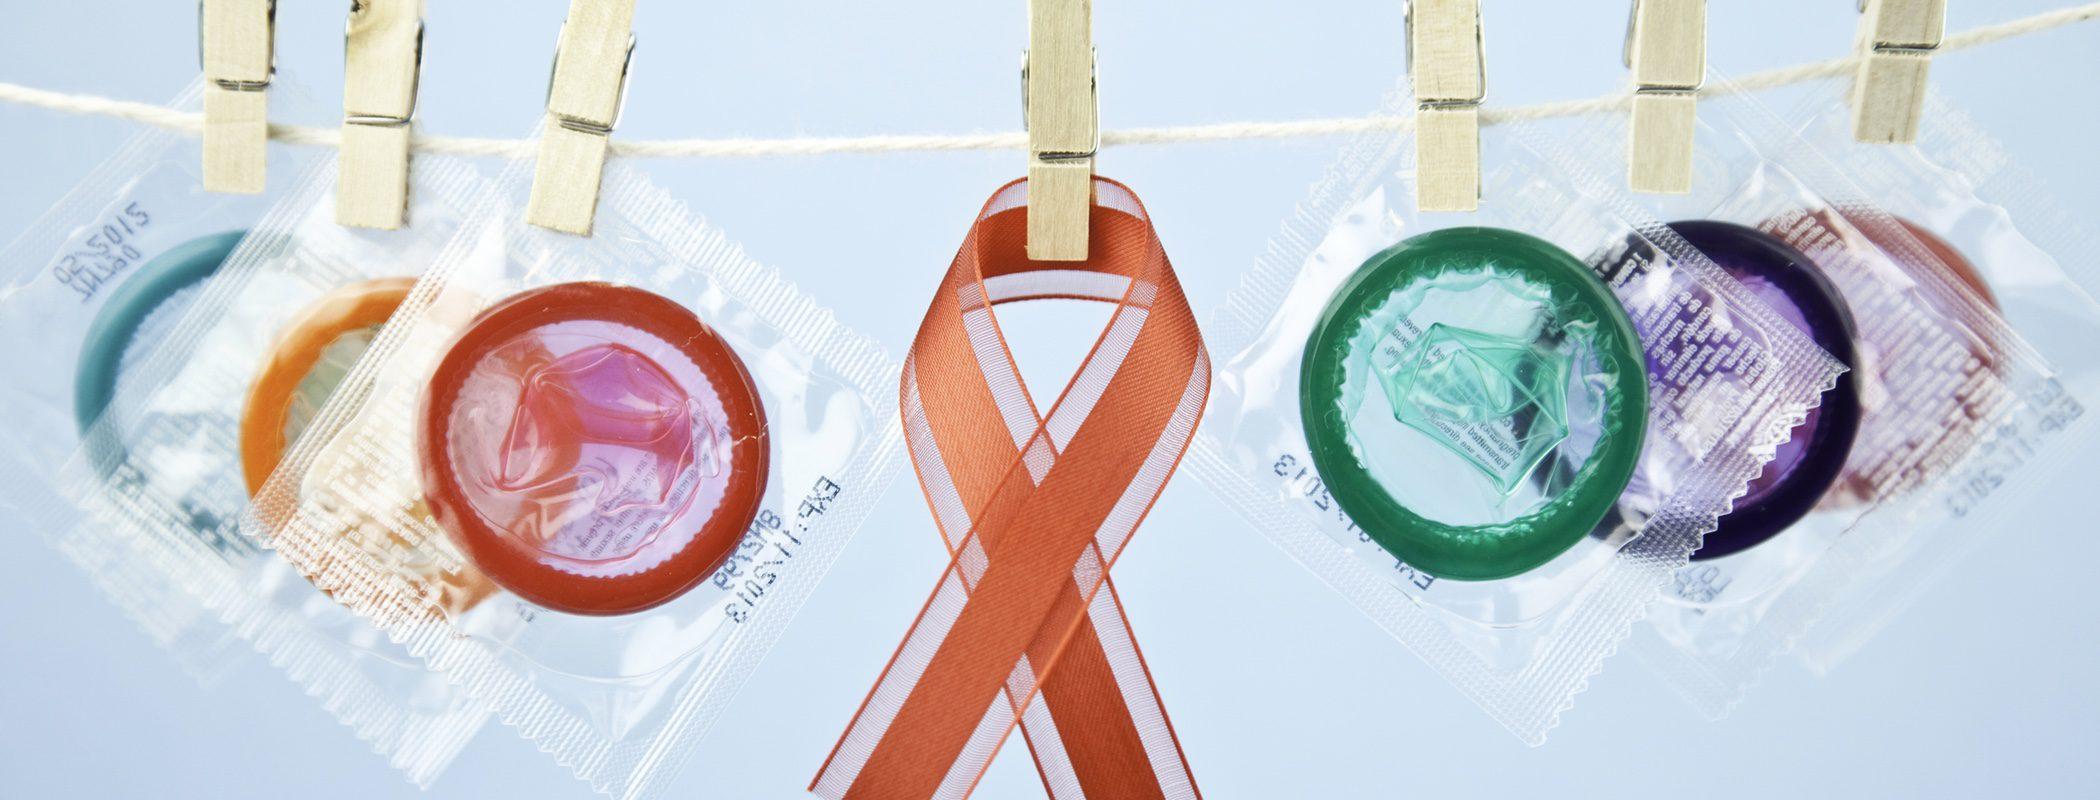 Prueba del SIDA: cuándo, dónde y por qué deberías hacerte una serología